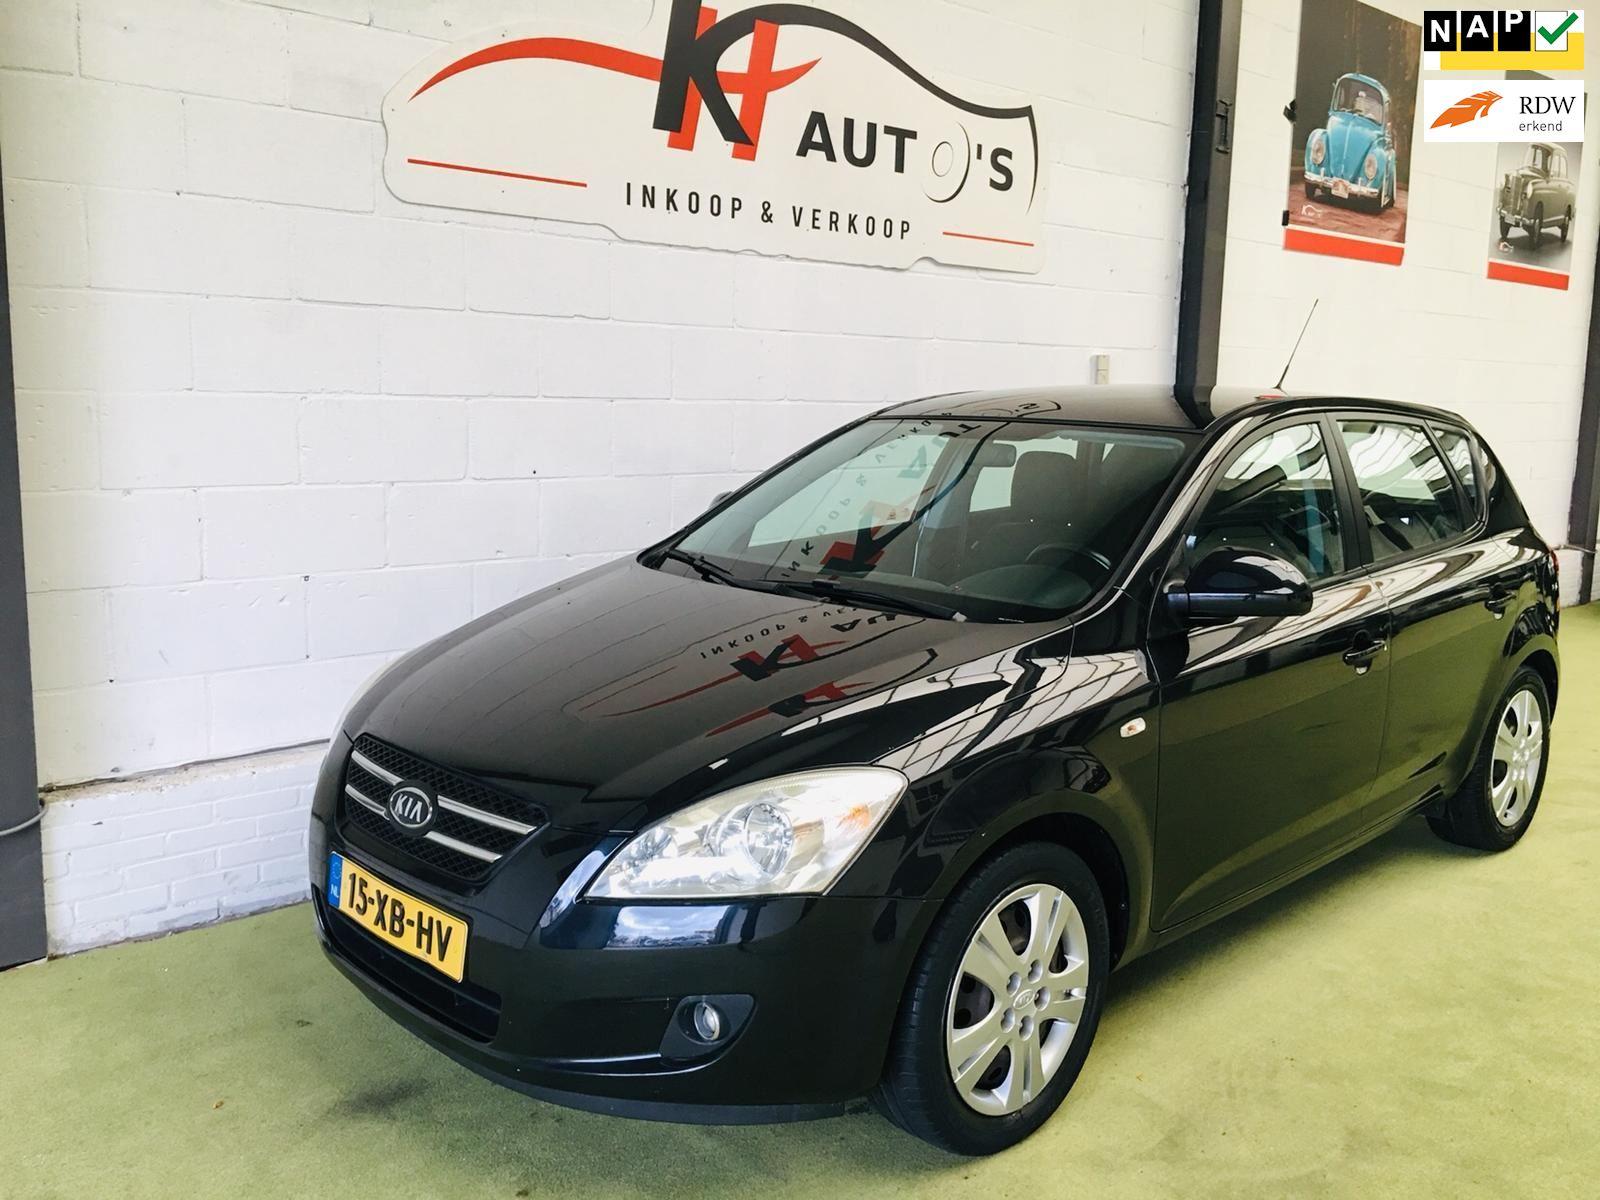 Kia Ceed occasion - KH Auto's